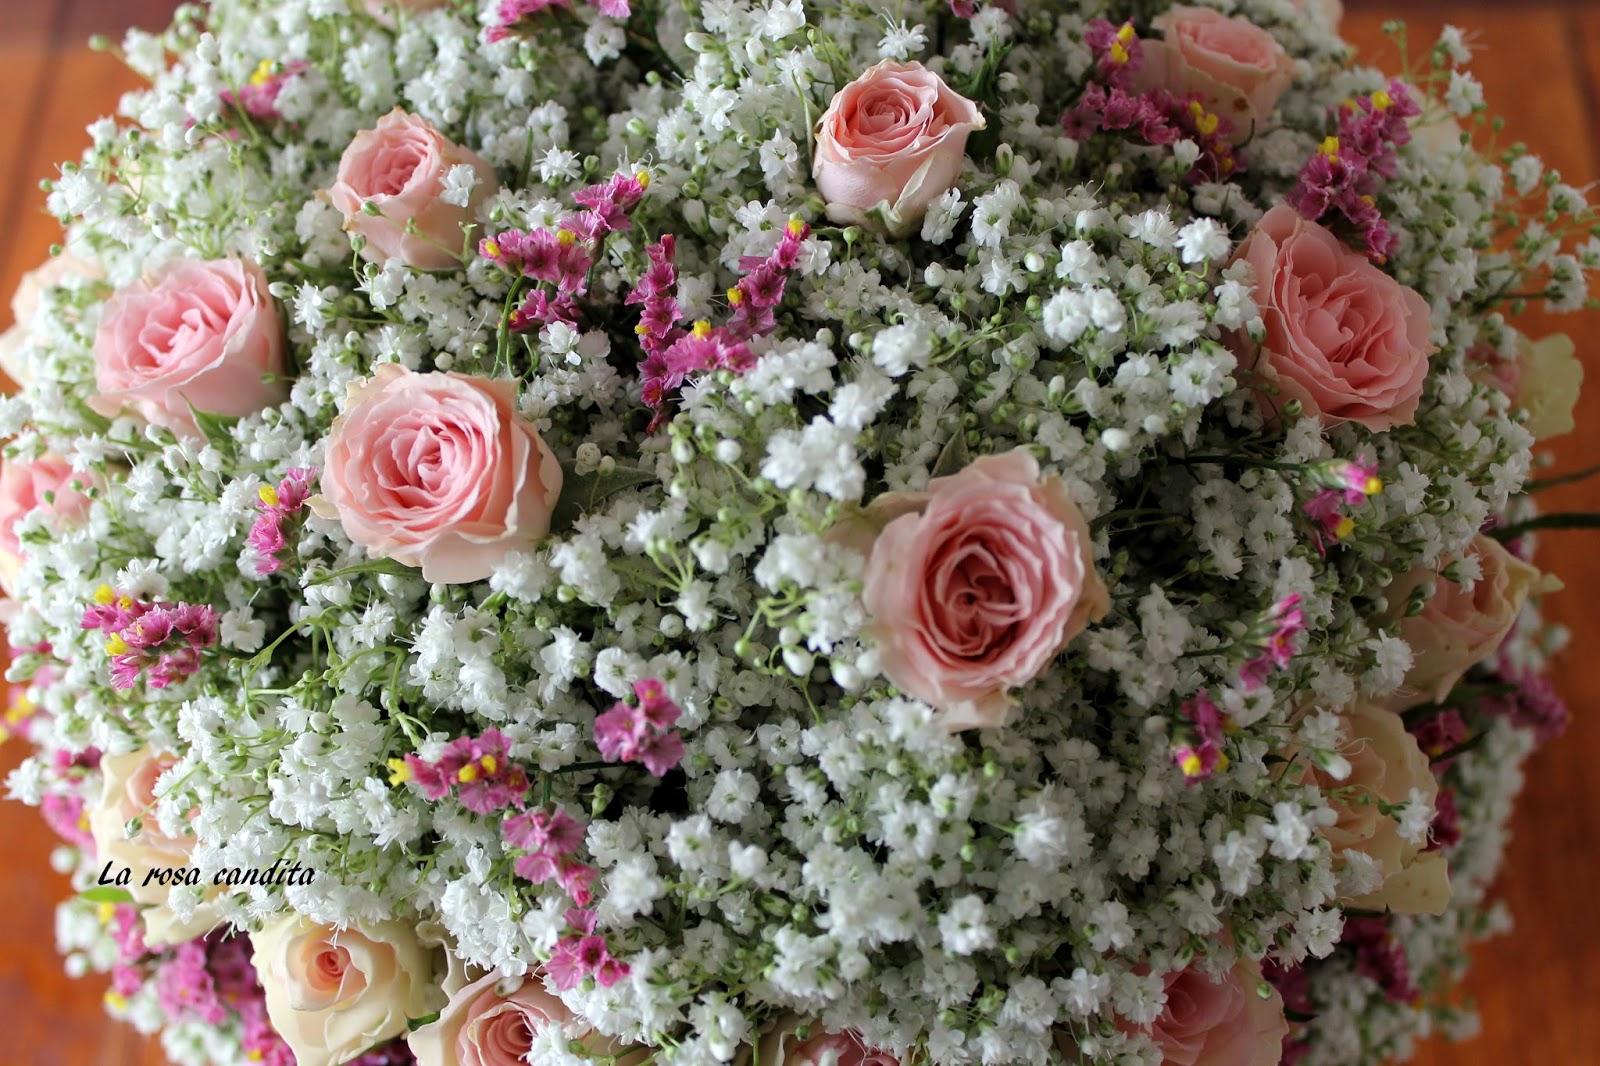 Eccezionale La rosa candita: Una torta di fiori LF11